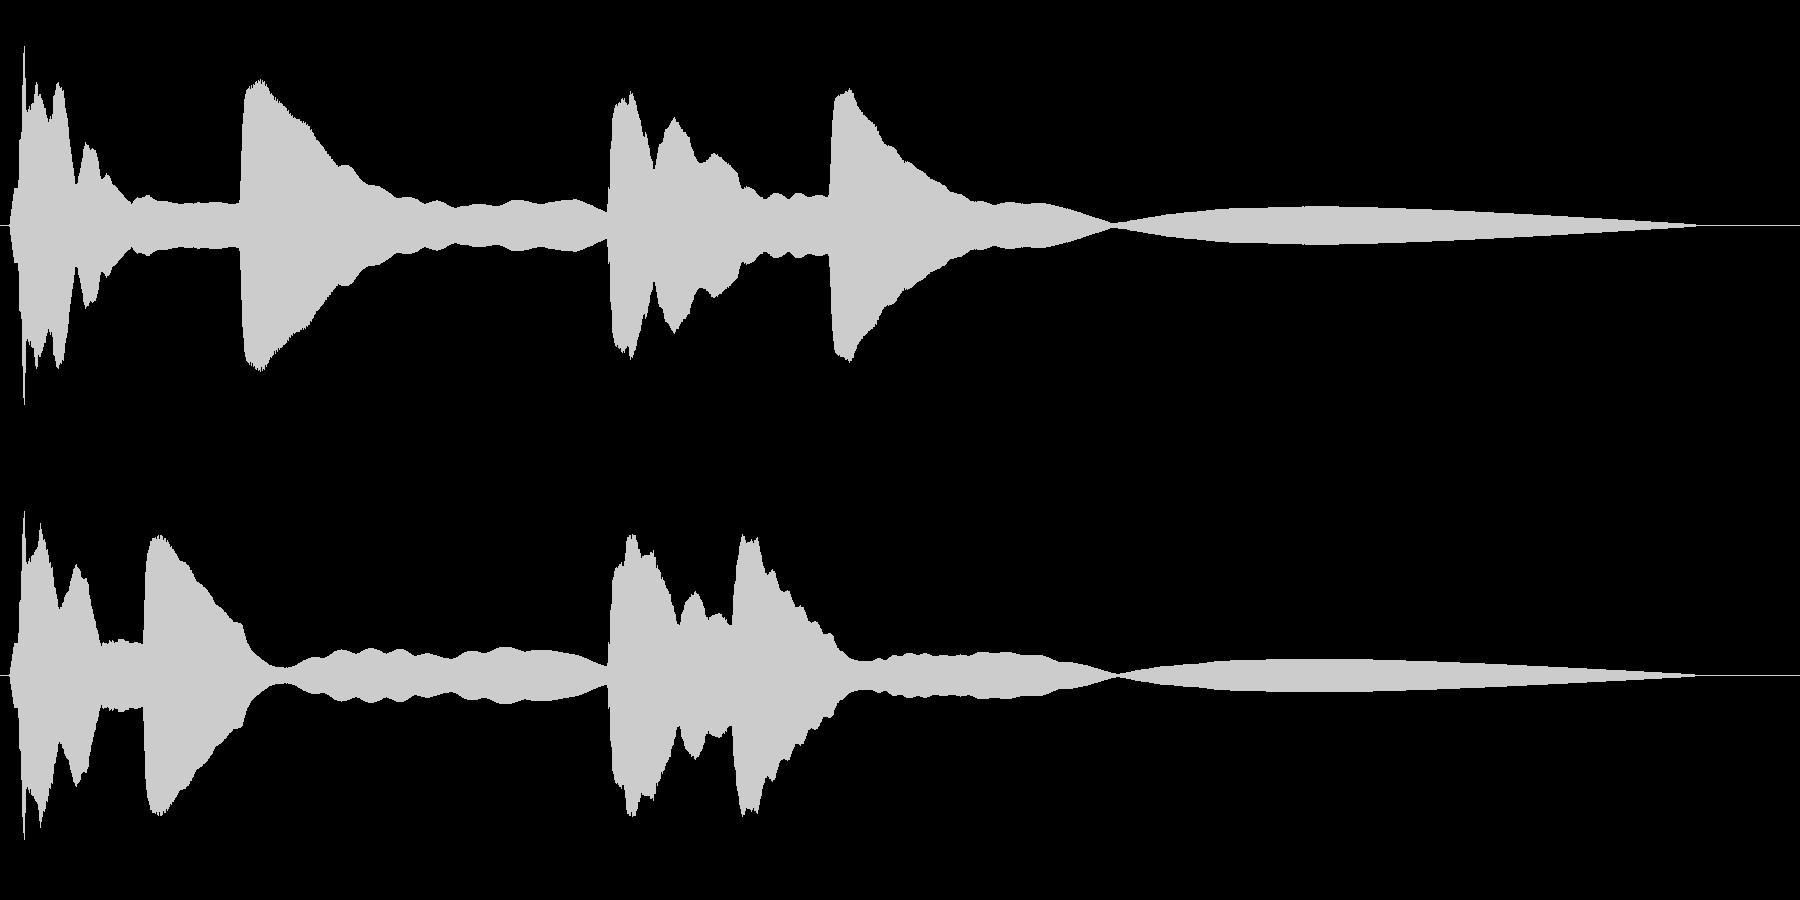 ポポポーン ピピピーン宇宙船レーダーの未再生の波形